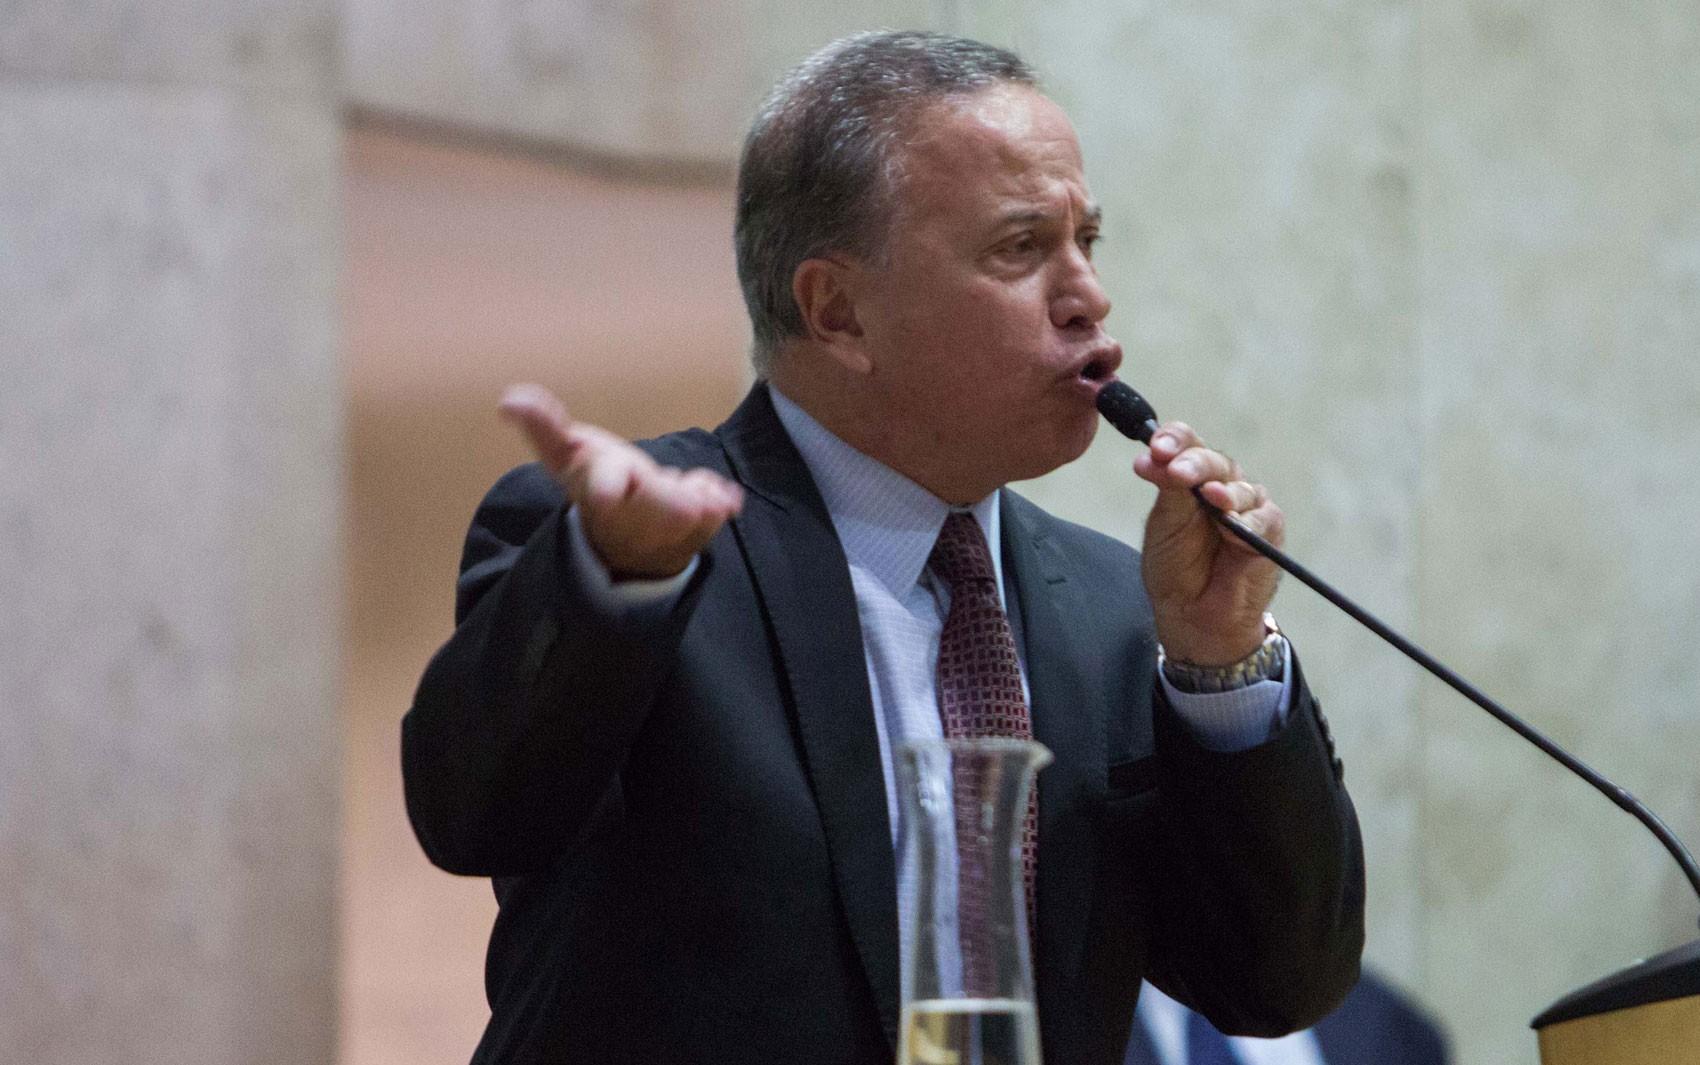 Funcionário da Prefeitura de SP acusa Camilo Cristófaro de agressão; vereador diz que se defendeu